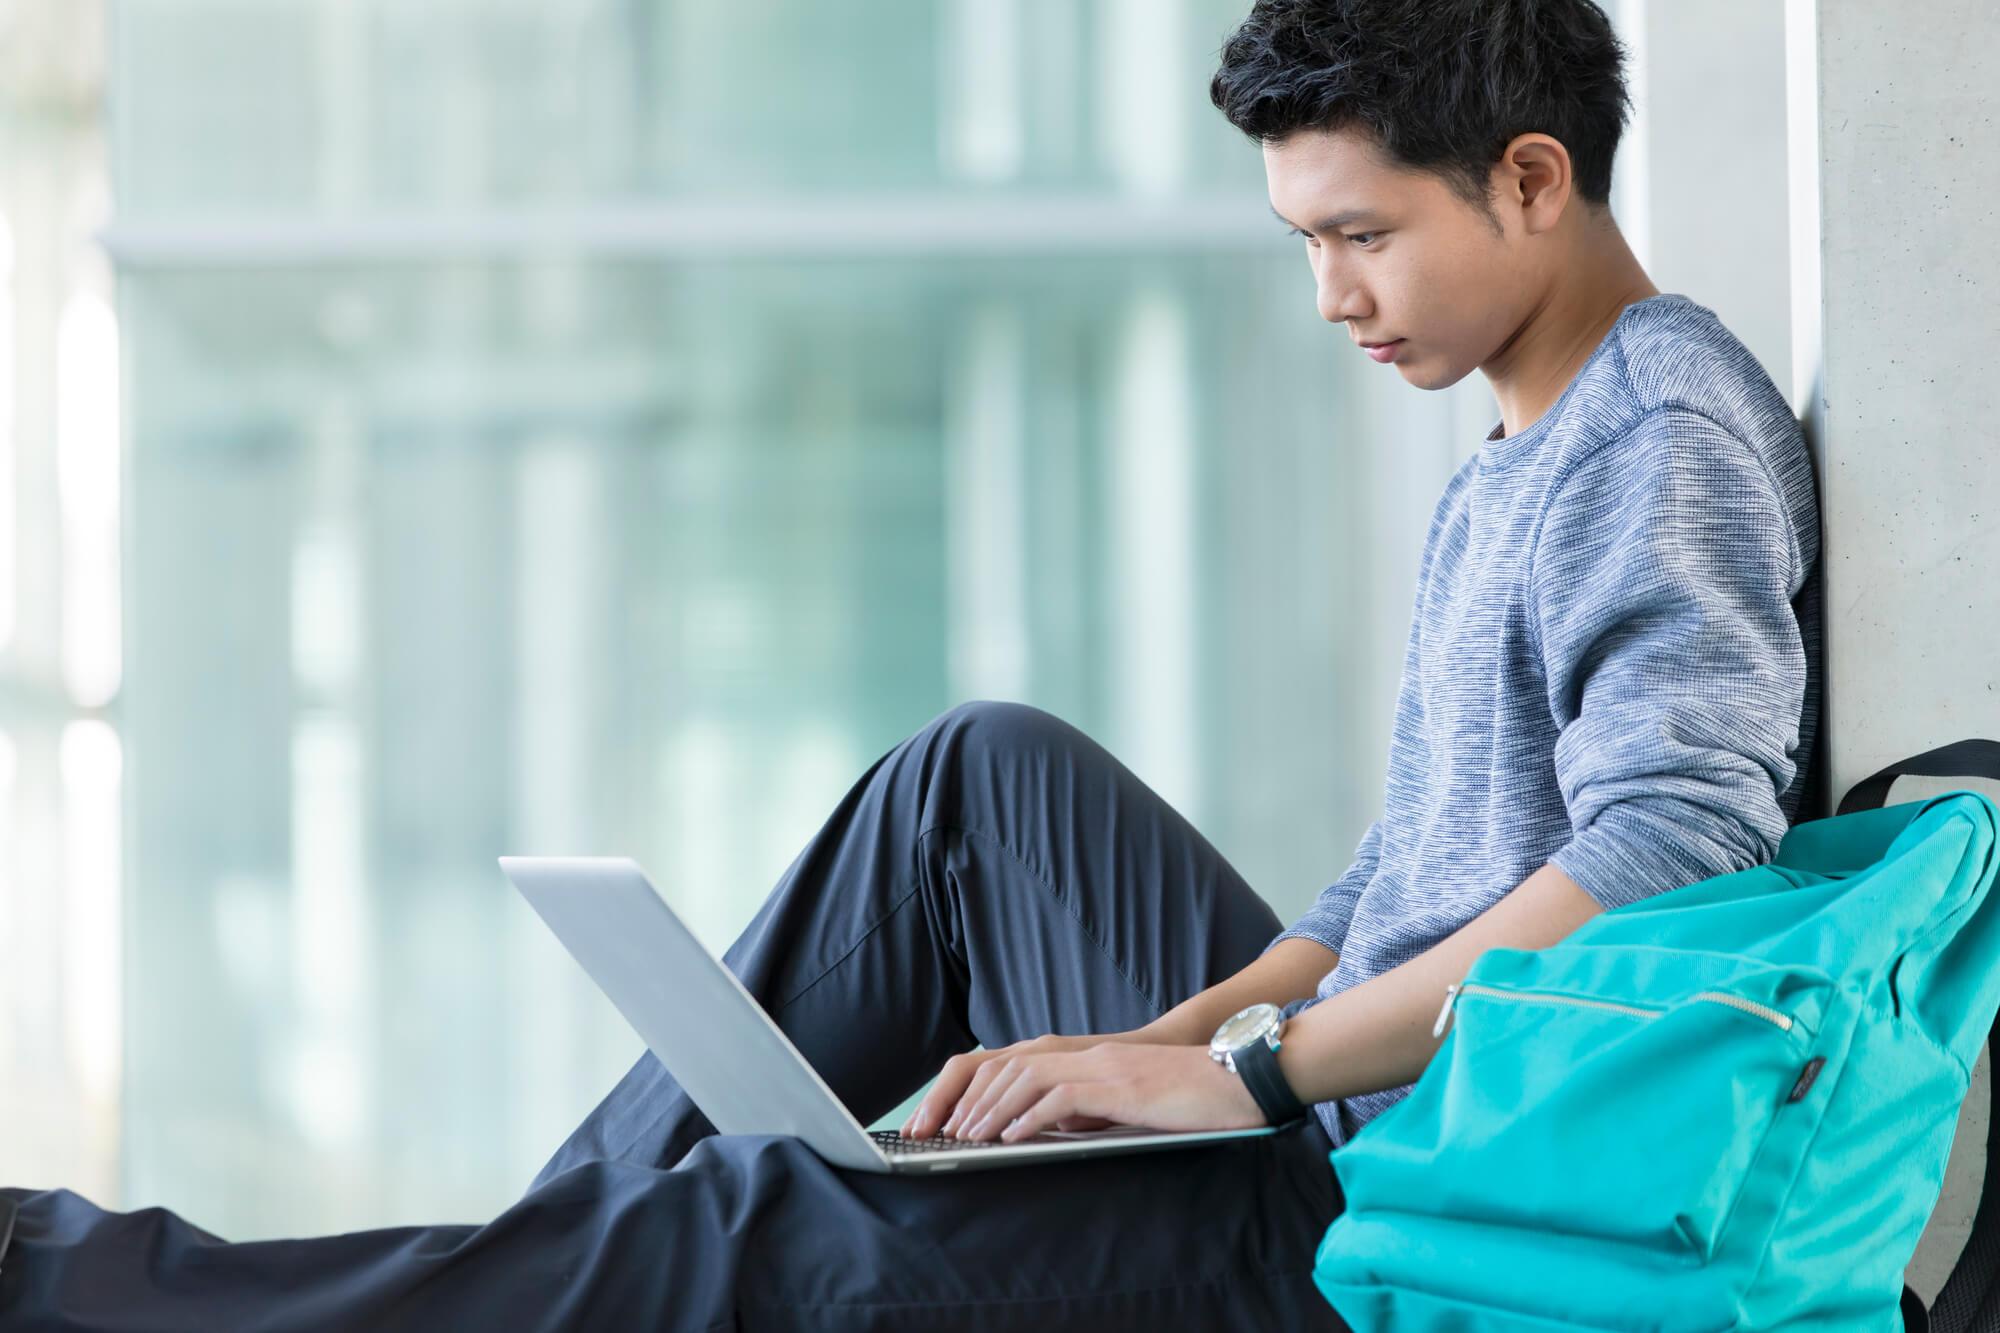 インターネット無料の賃貸物件は空室対策・入居率アップに最適な理由